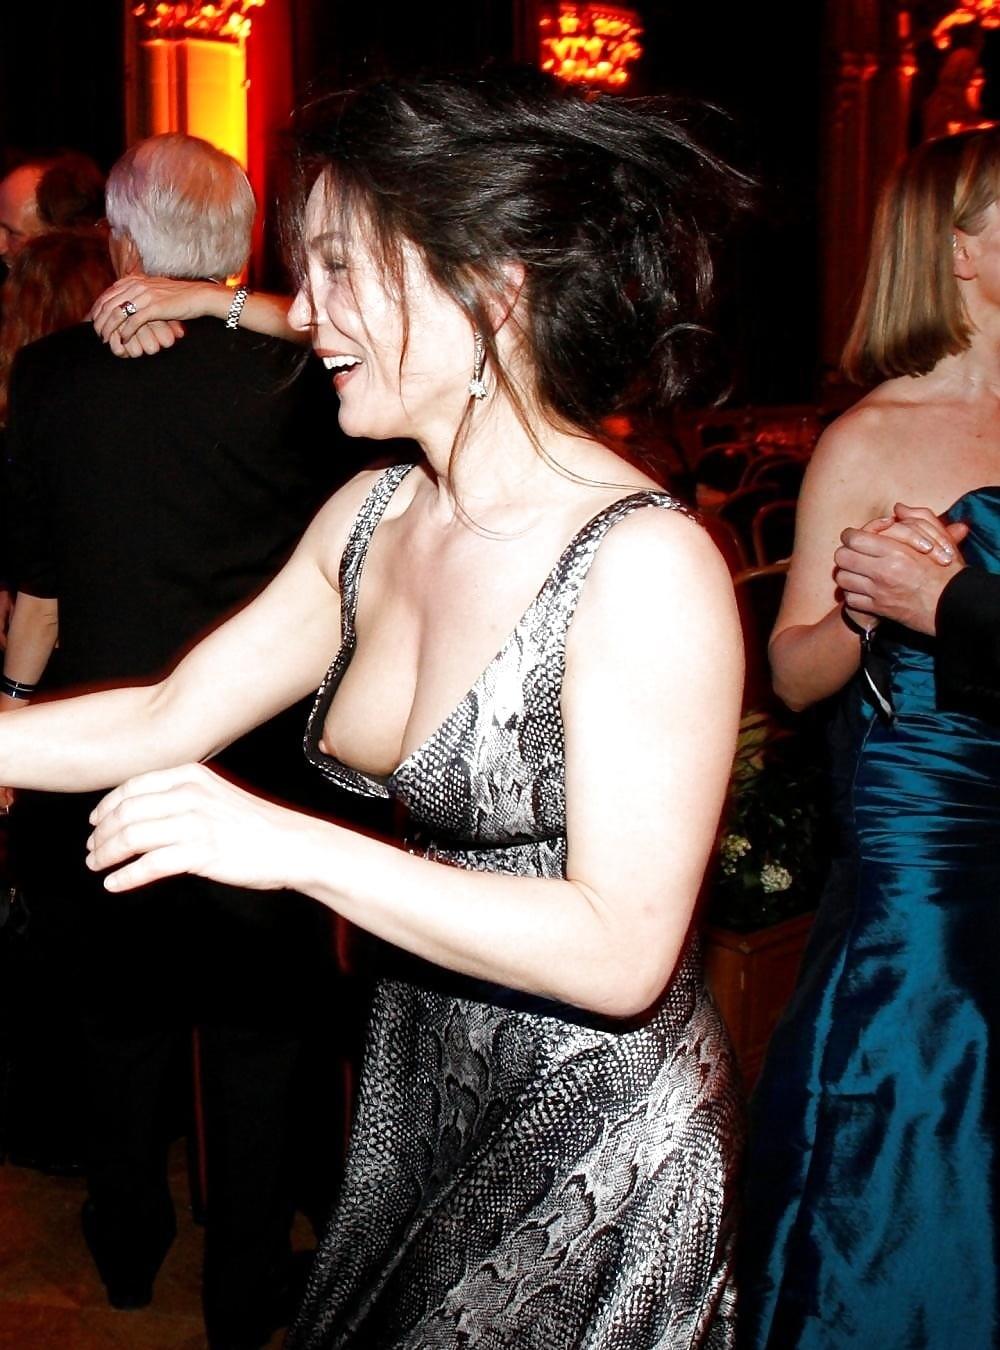 Жена танцует с другом и светит грудью через глубокое декольте